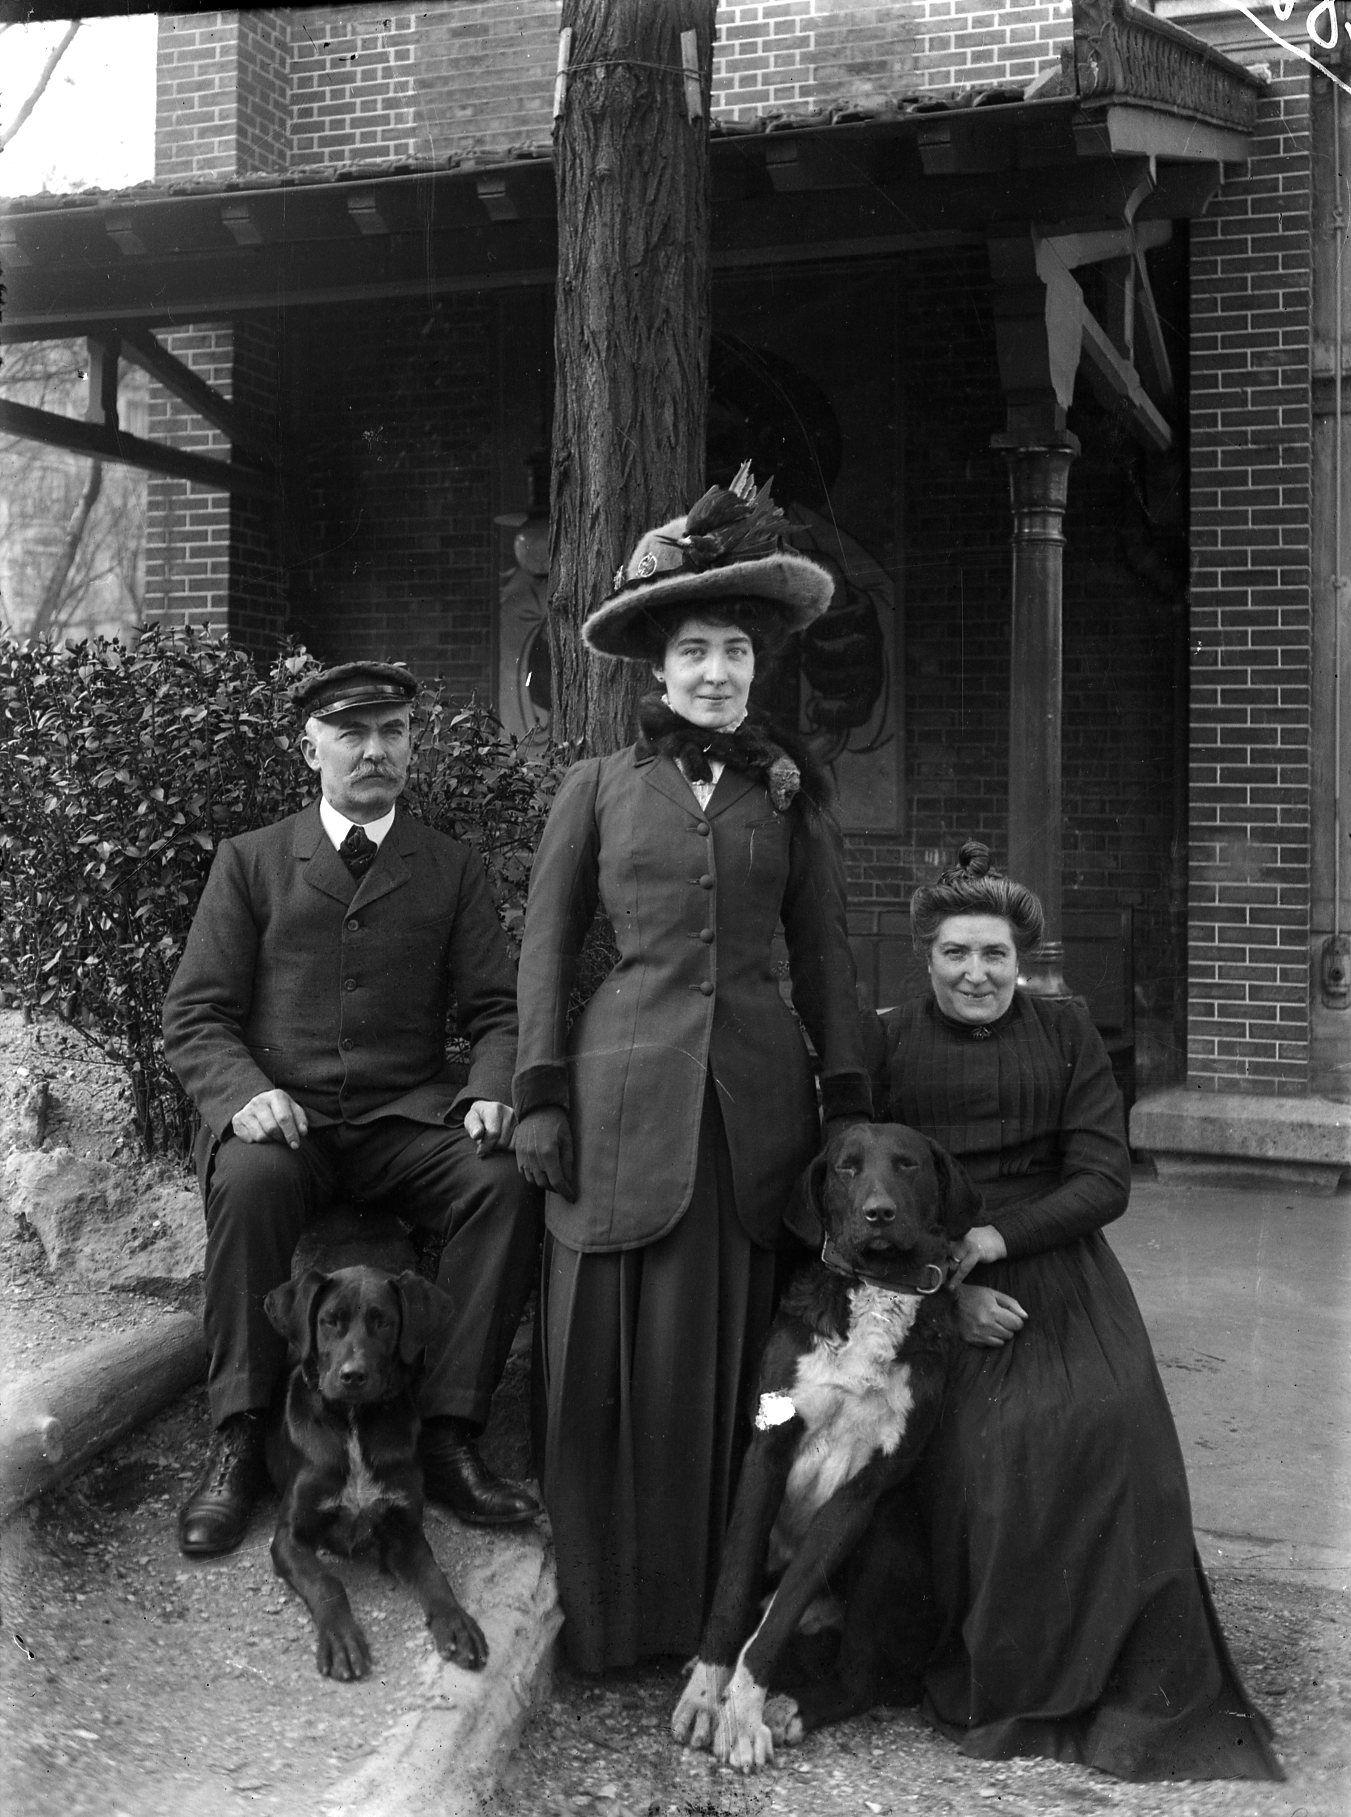 Épinglé sur Femmes 19001920